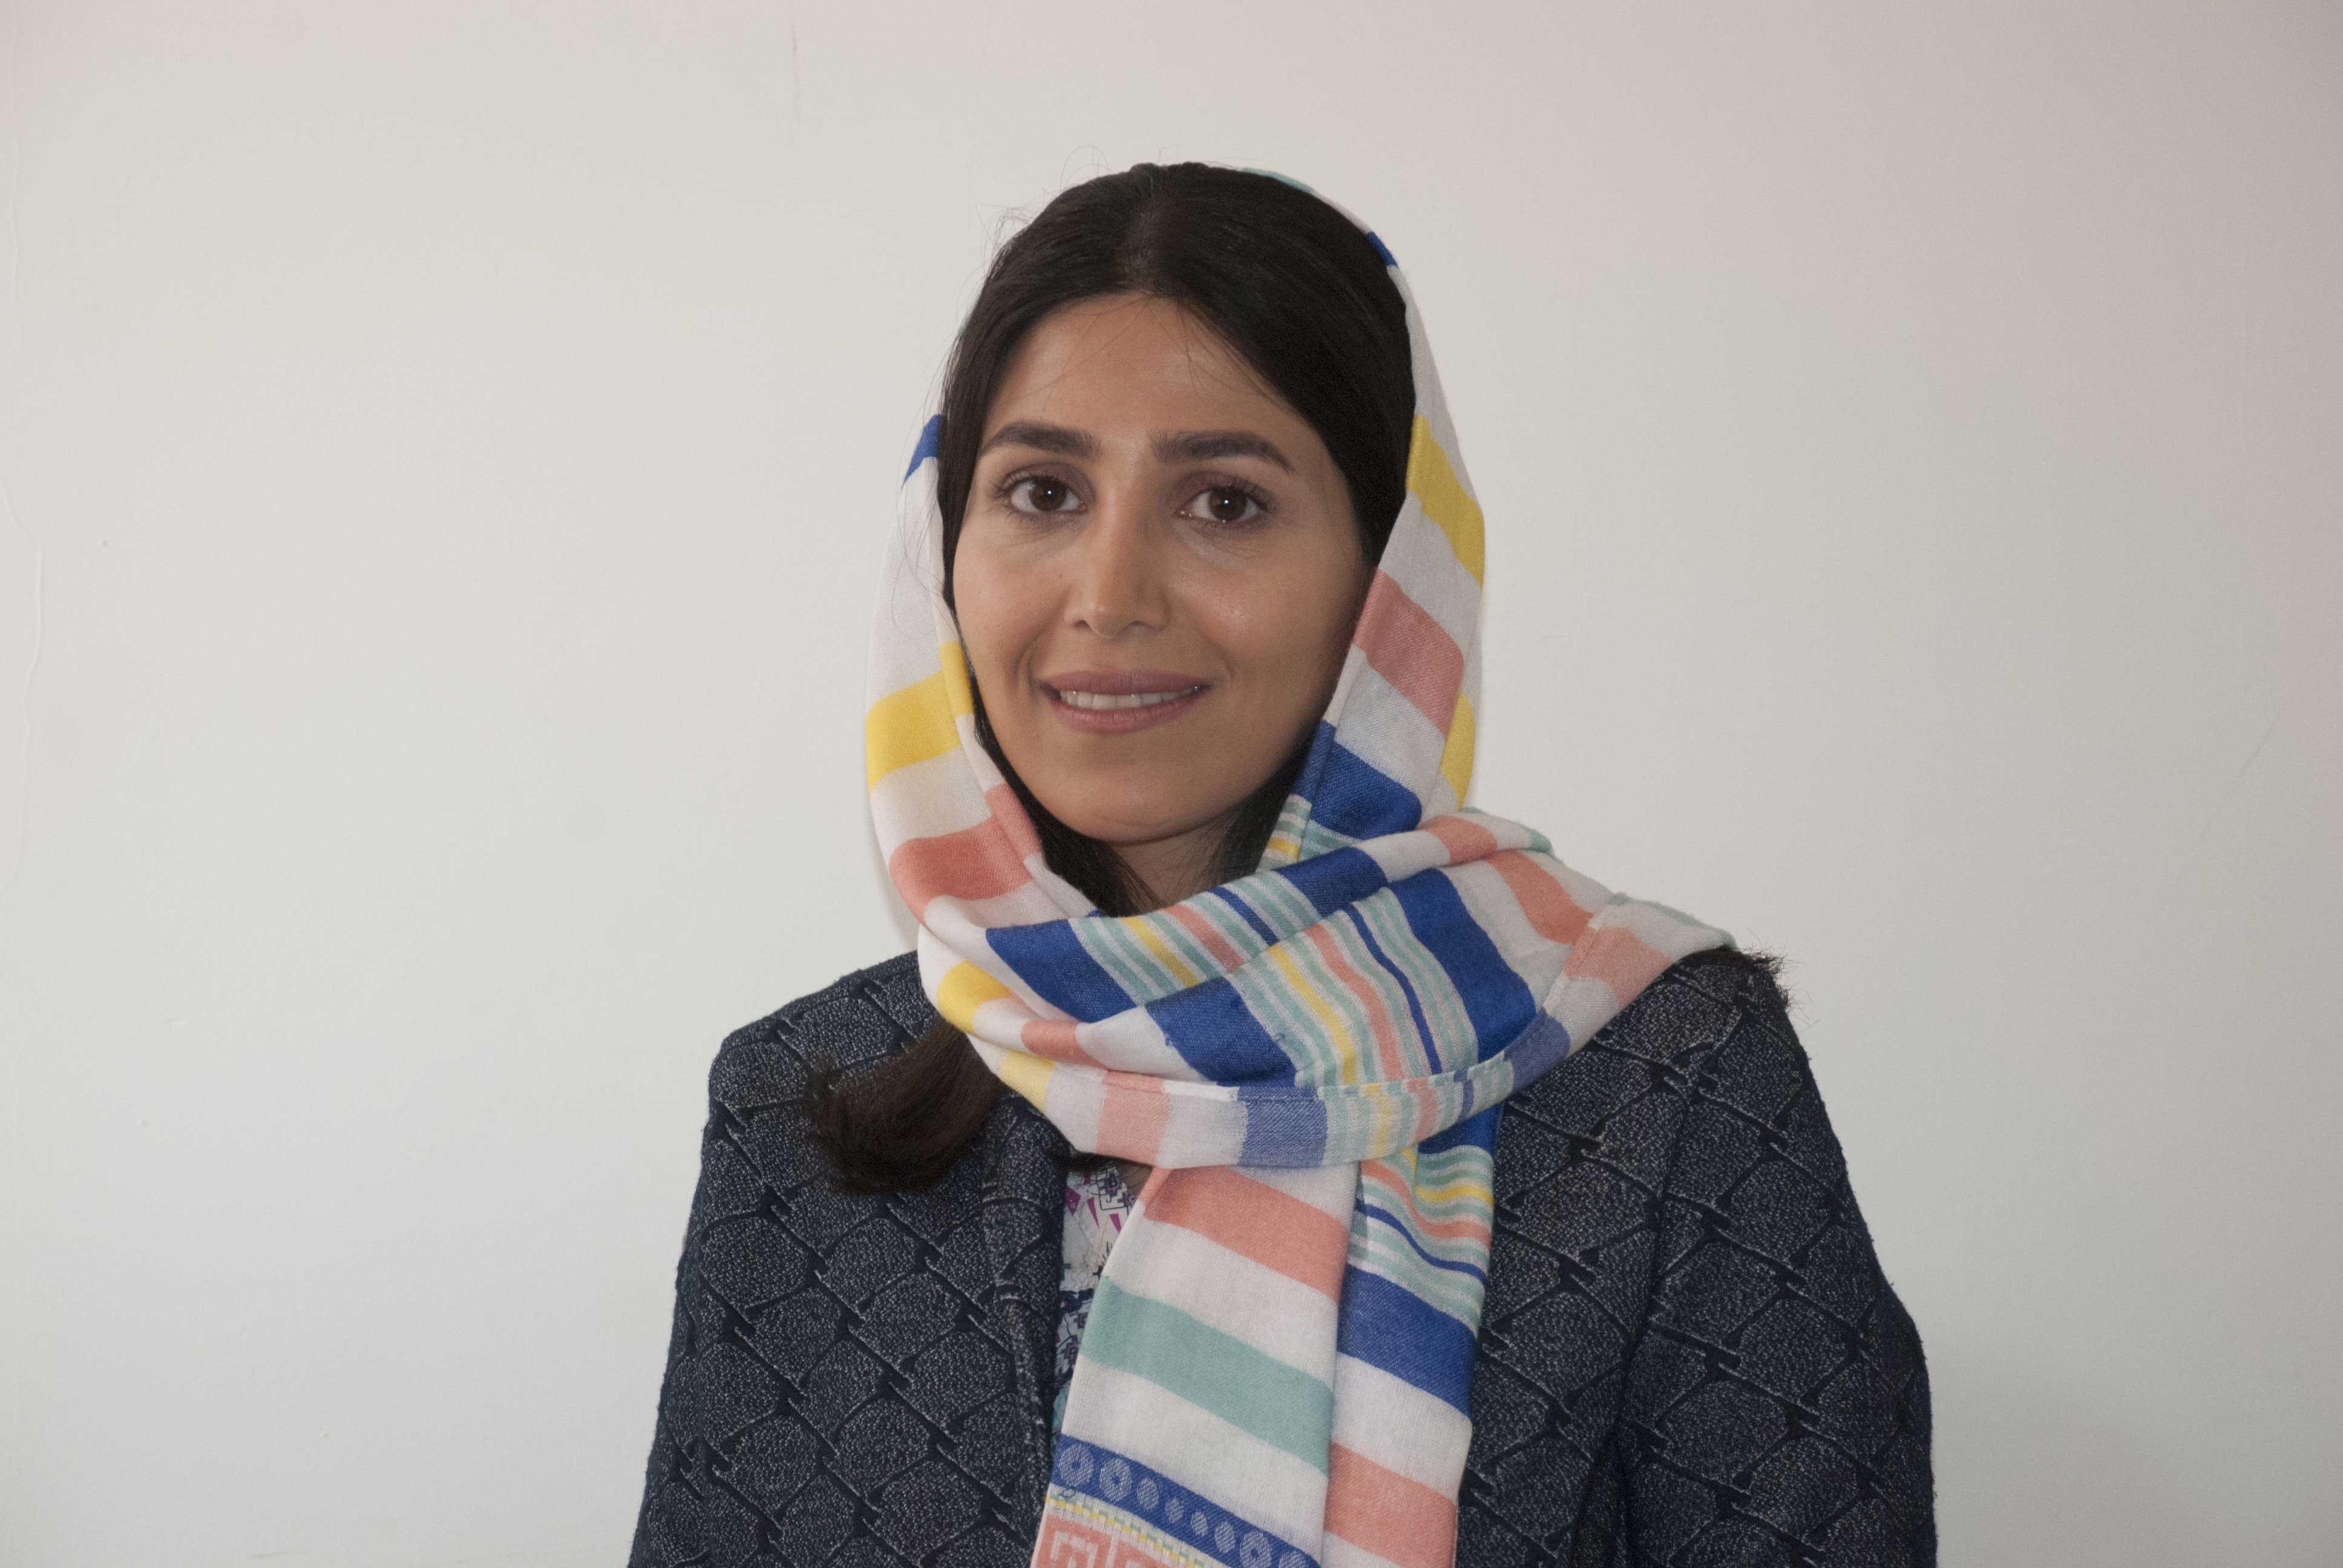 دکتر مهشید تیرگر - متخصص ارزیابی و تشخیص اکسیر